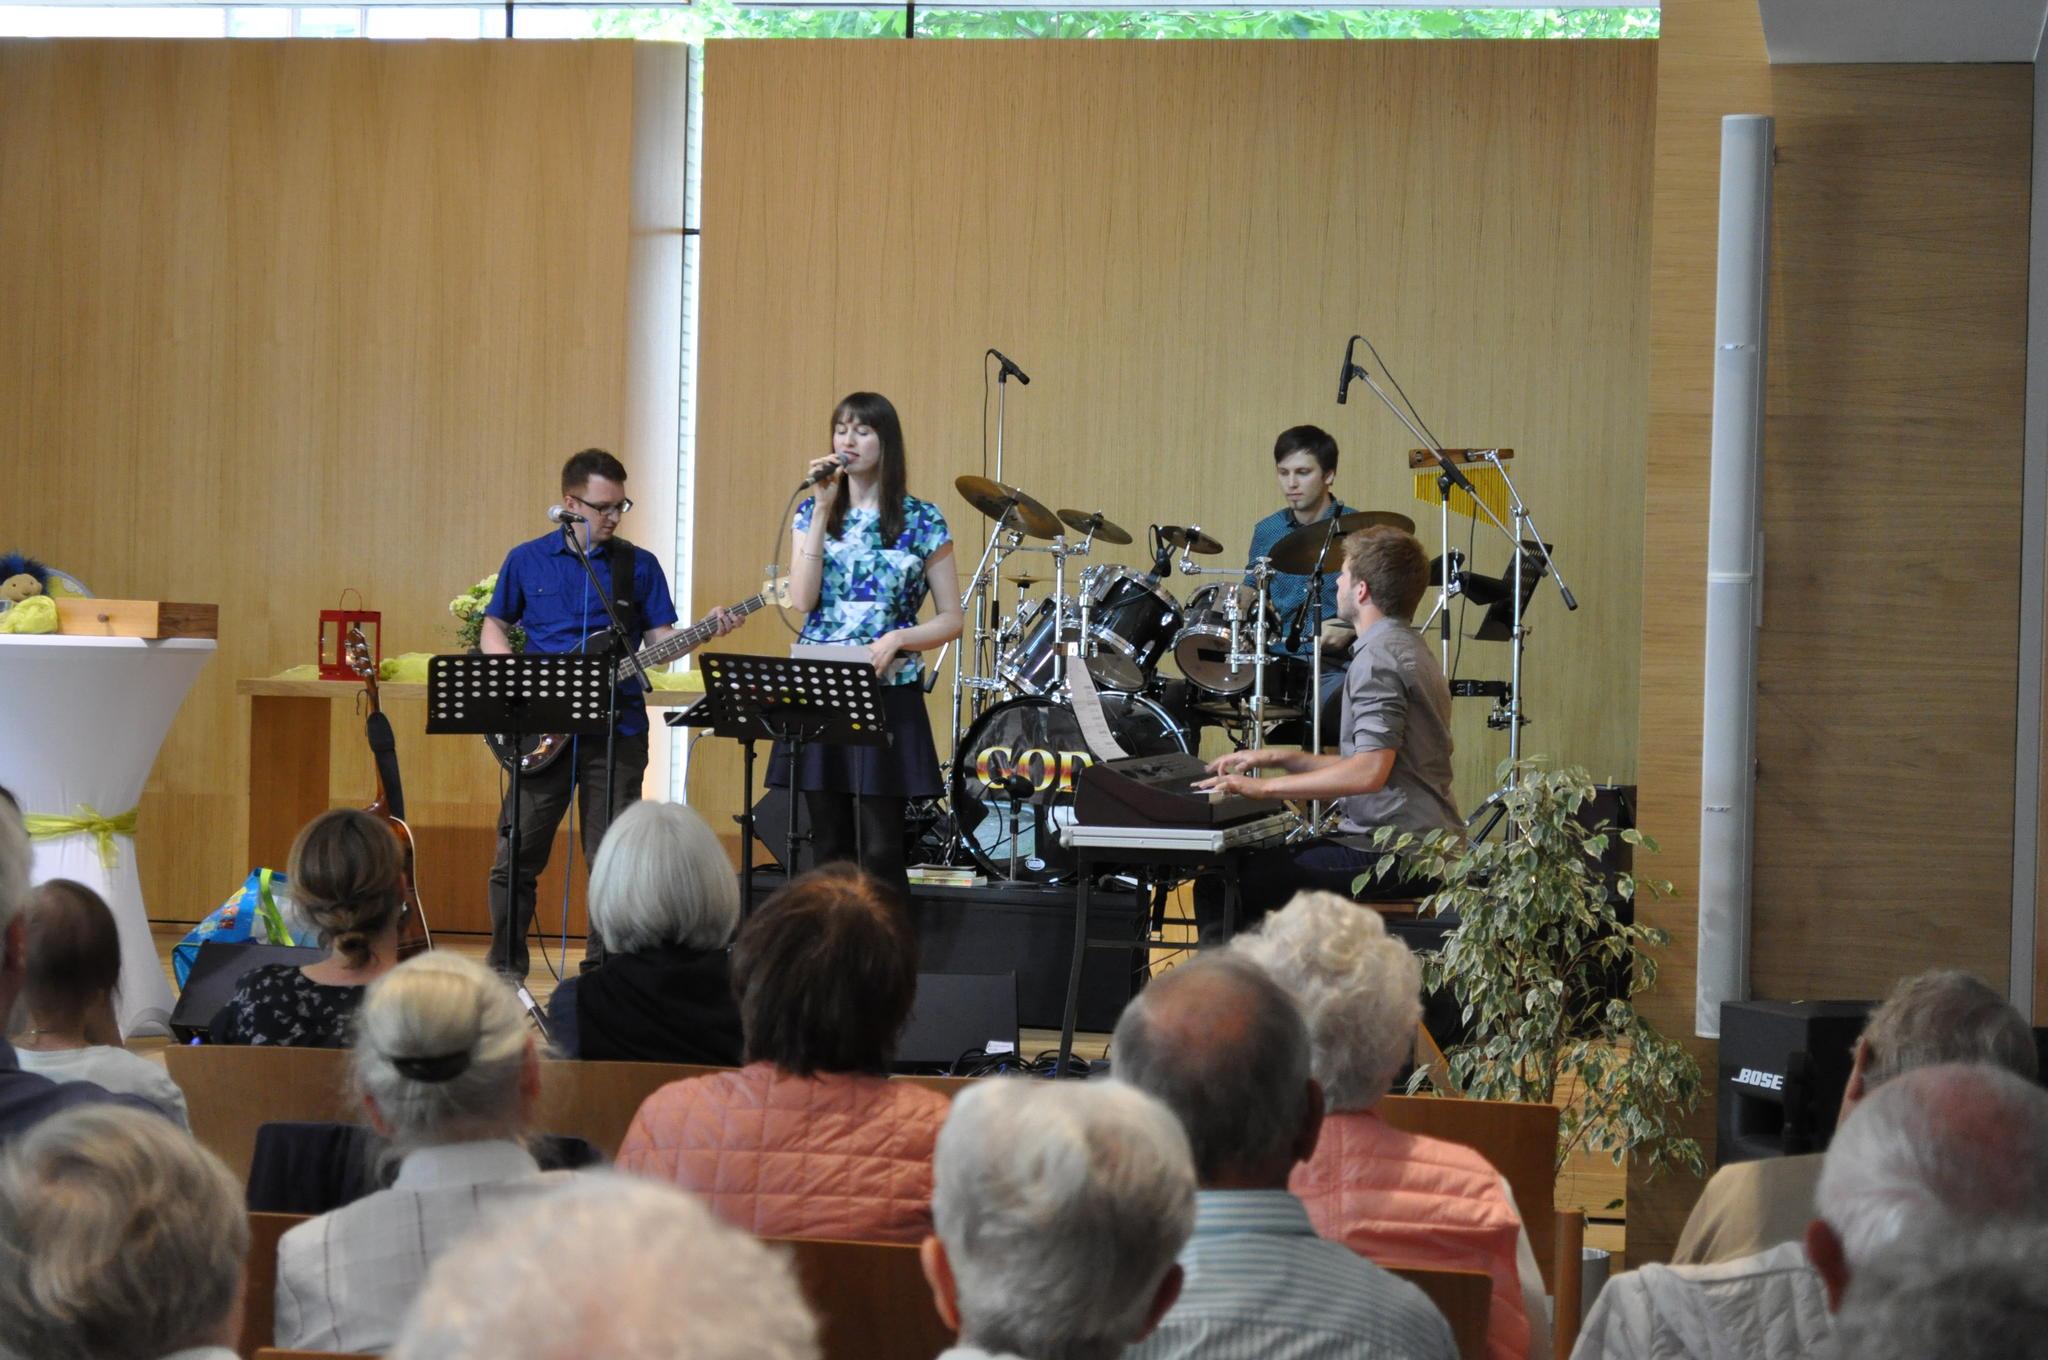 Die Band crEDENce spielte noch einmal in ihrer ursprünglichen Besetzung